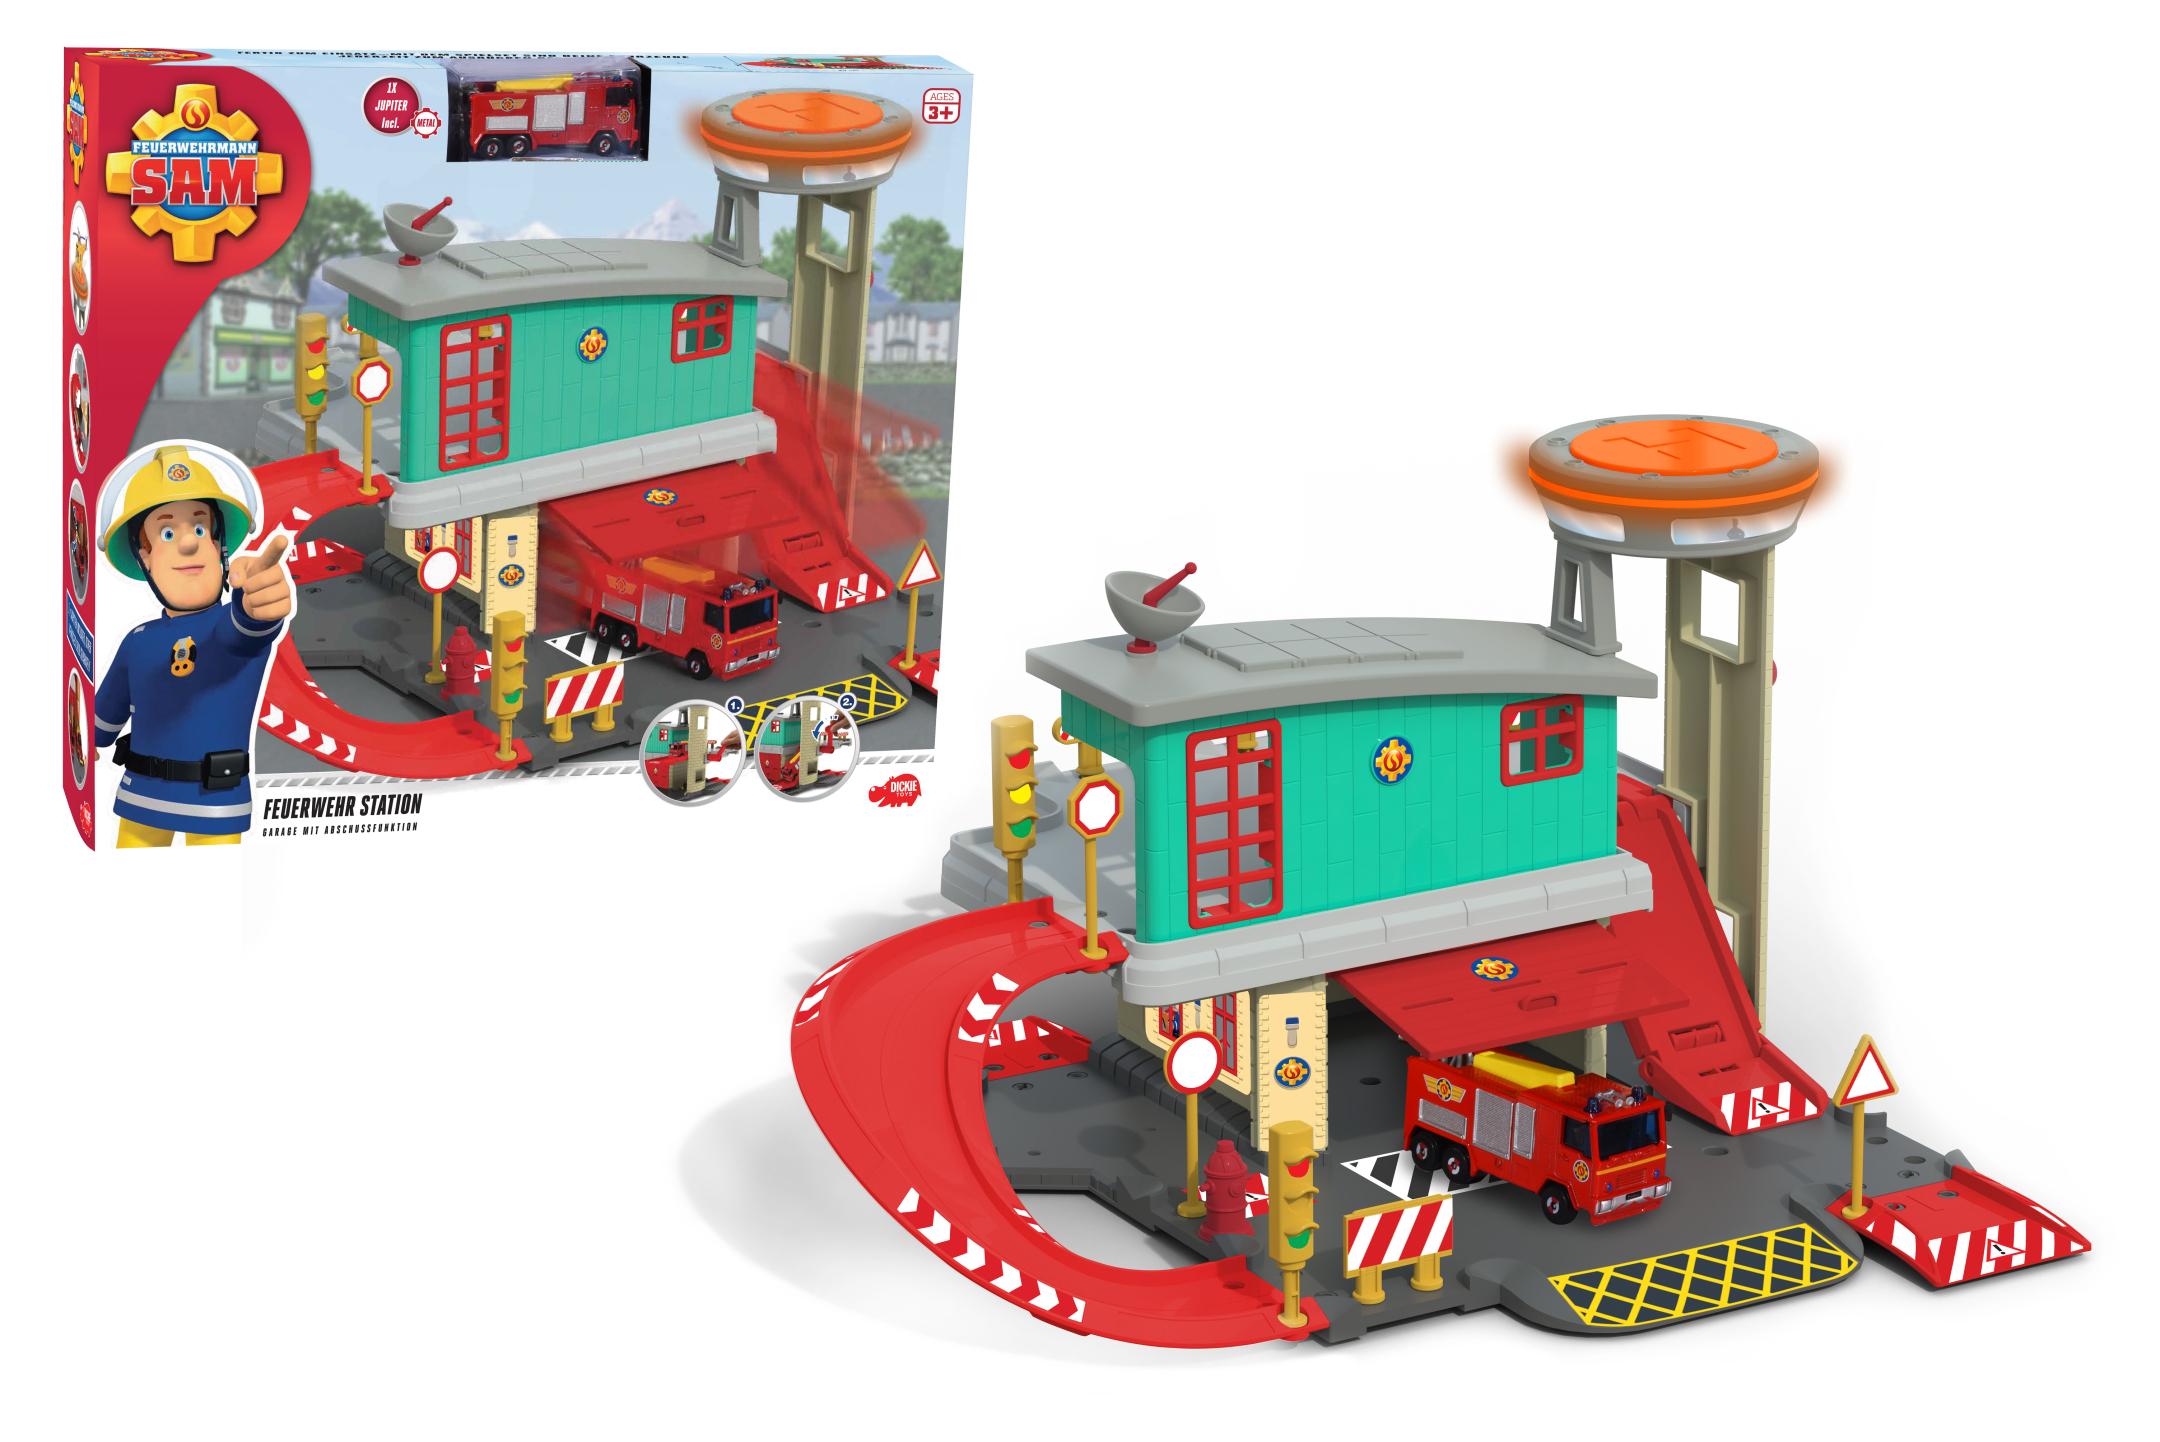 Fireman Sam Feuerwehrstation